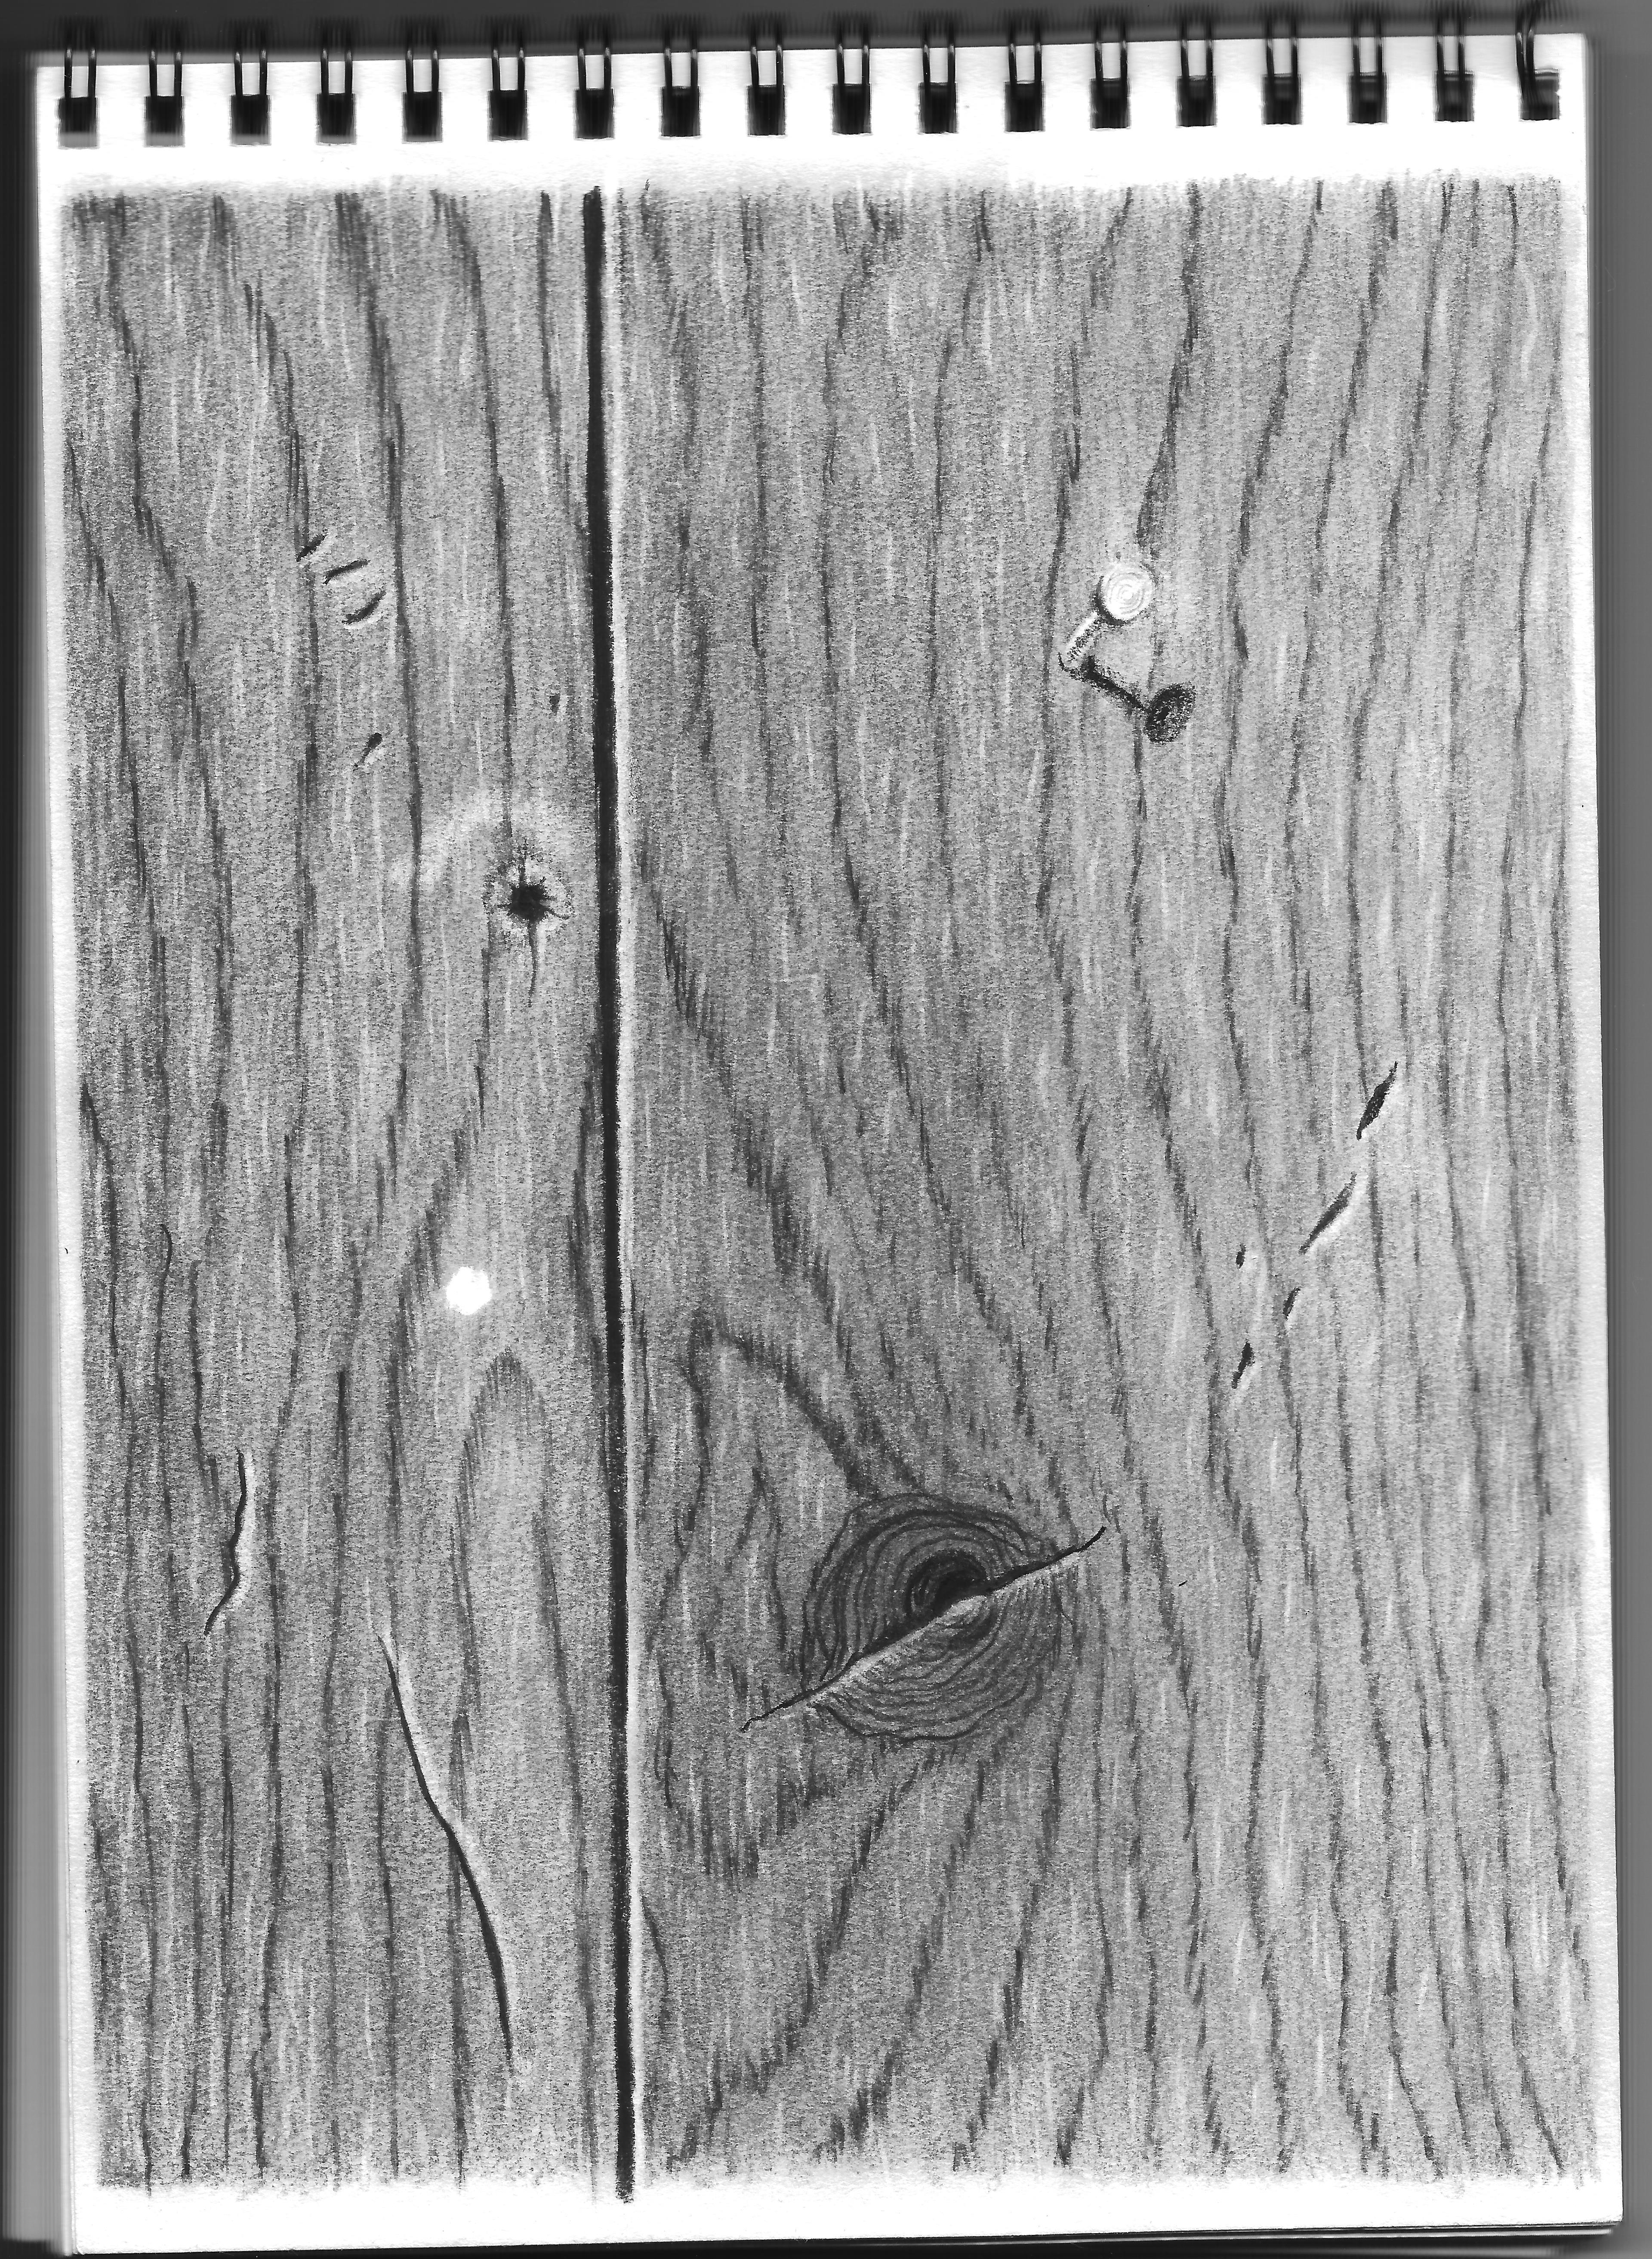 Drawn pen wood Grain progress following of